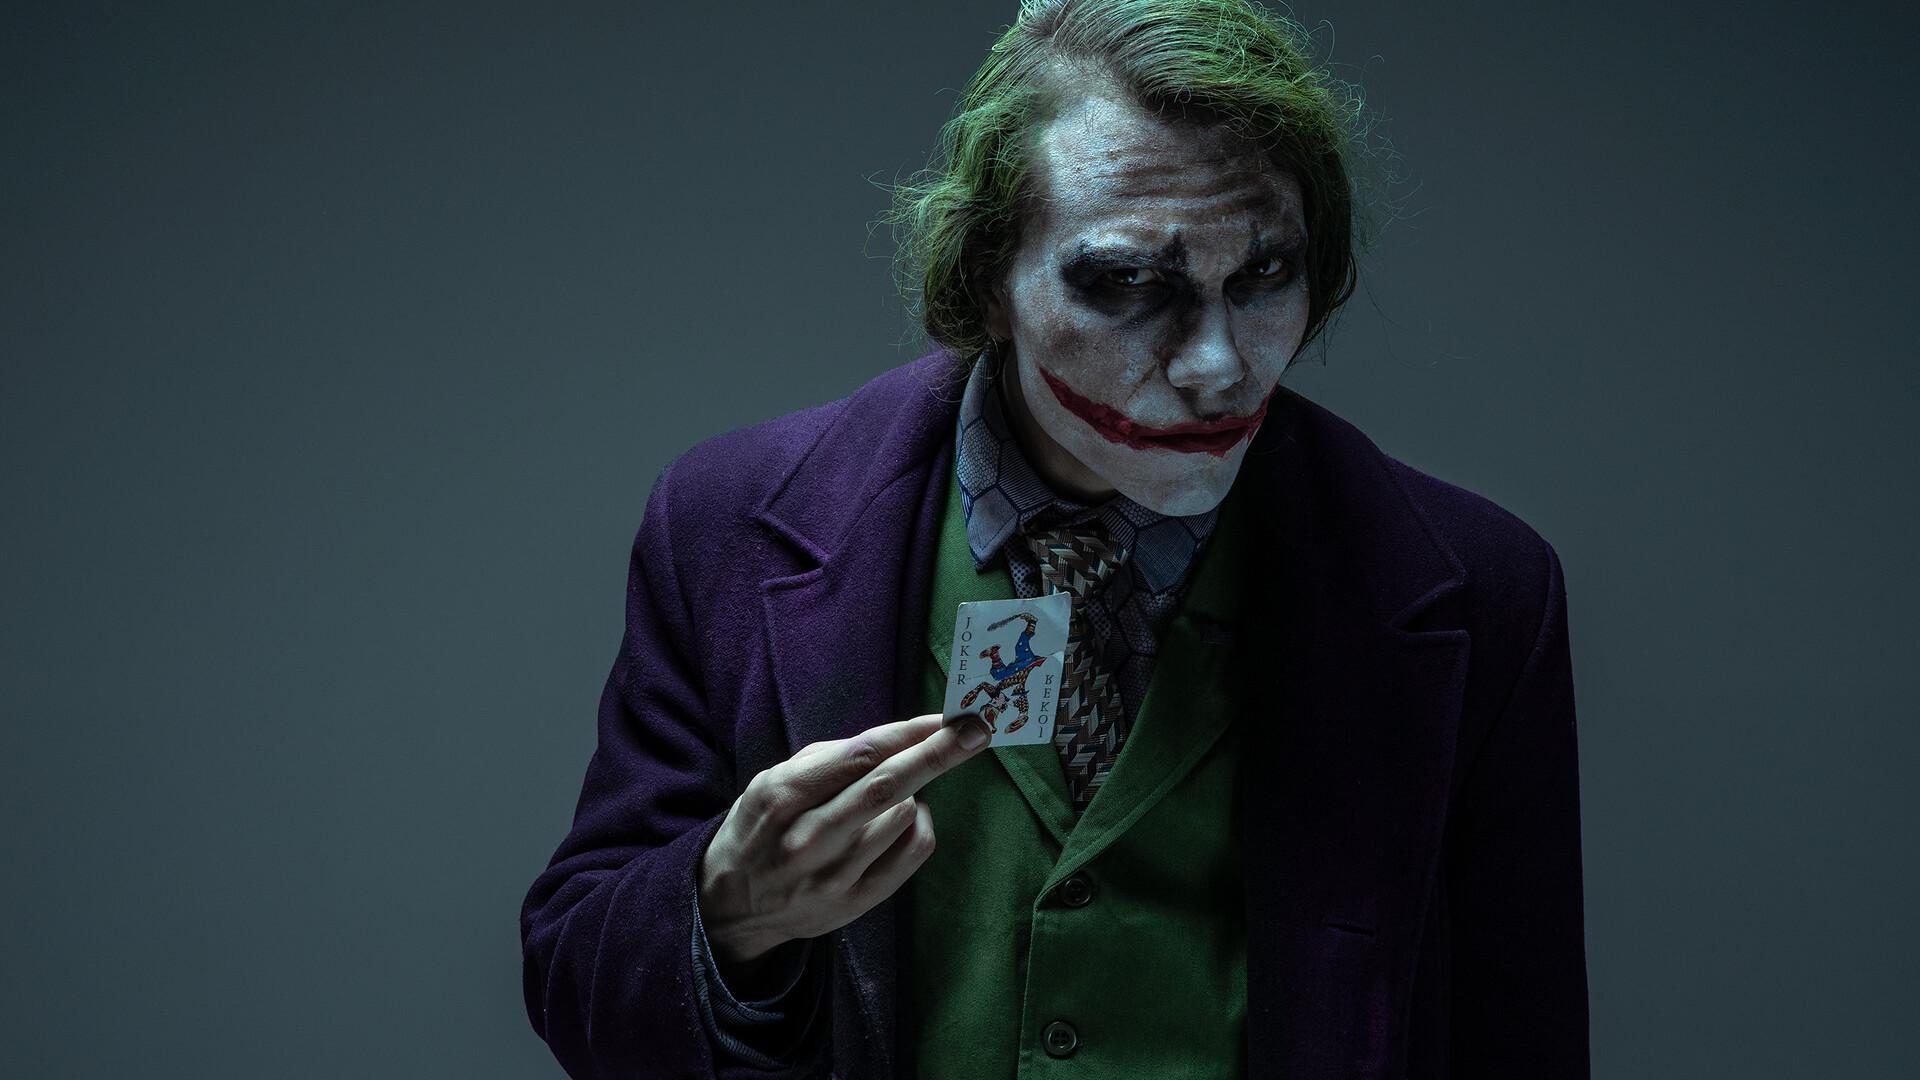 1920x1080 Joker Cosplays Laptop Full Hd 1080p Hd 4k